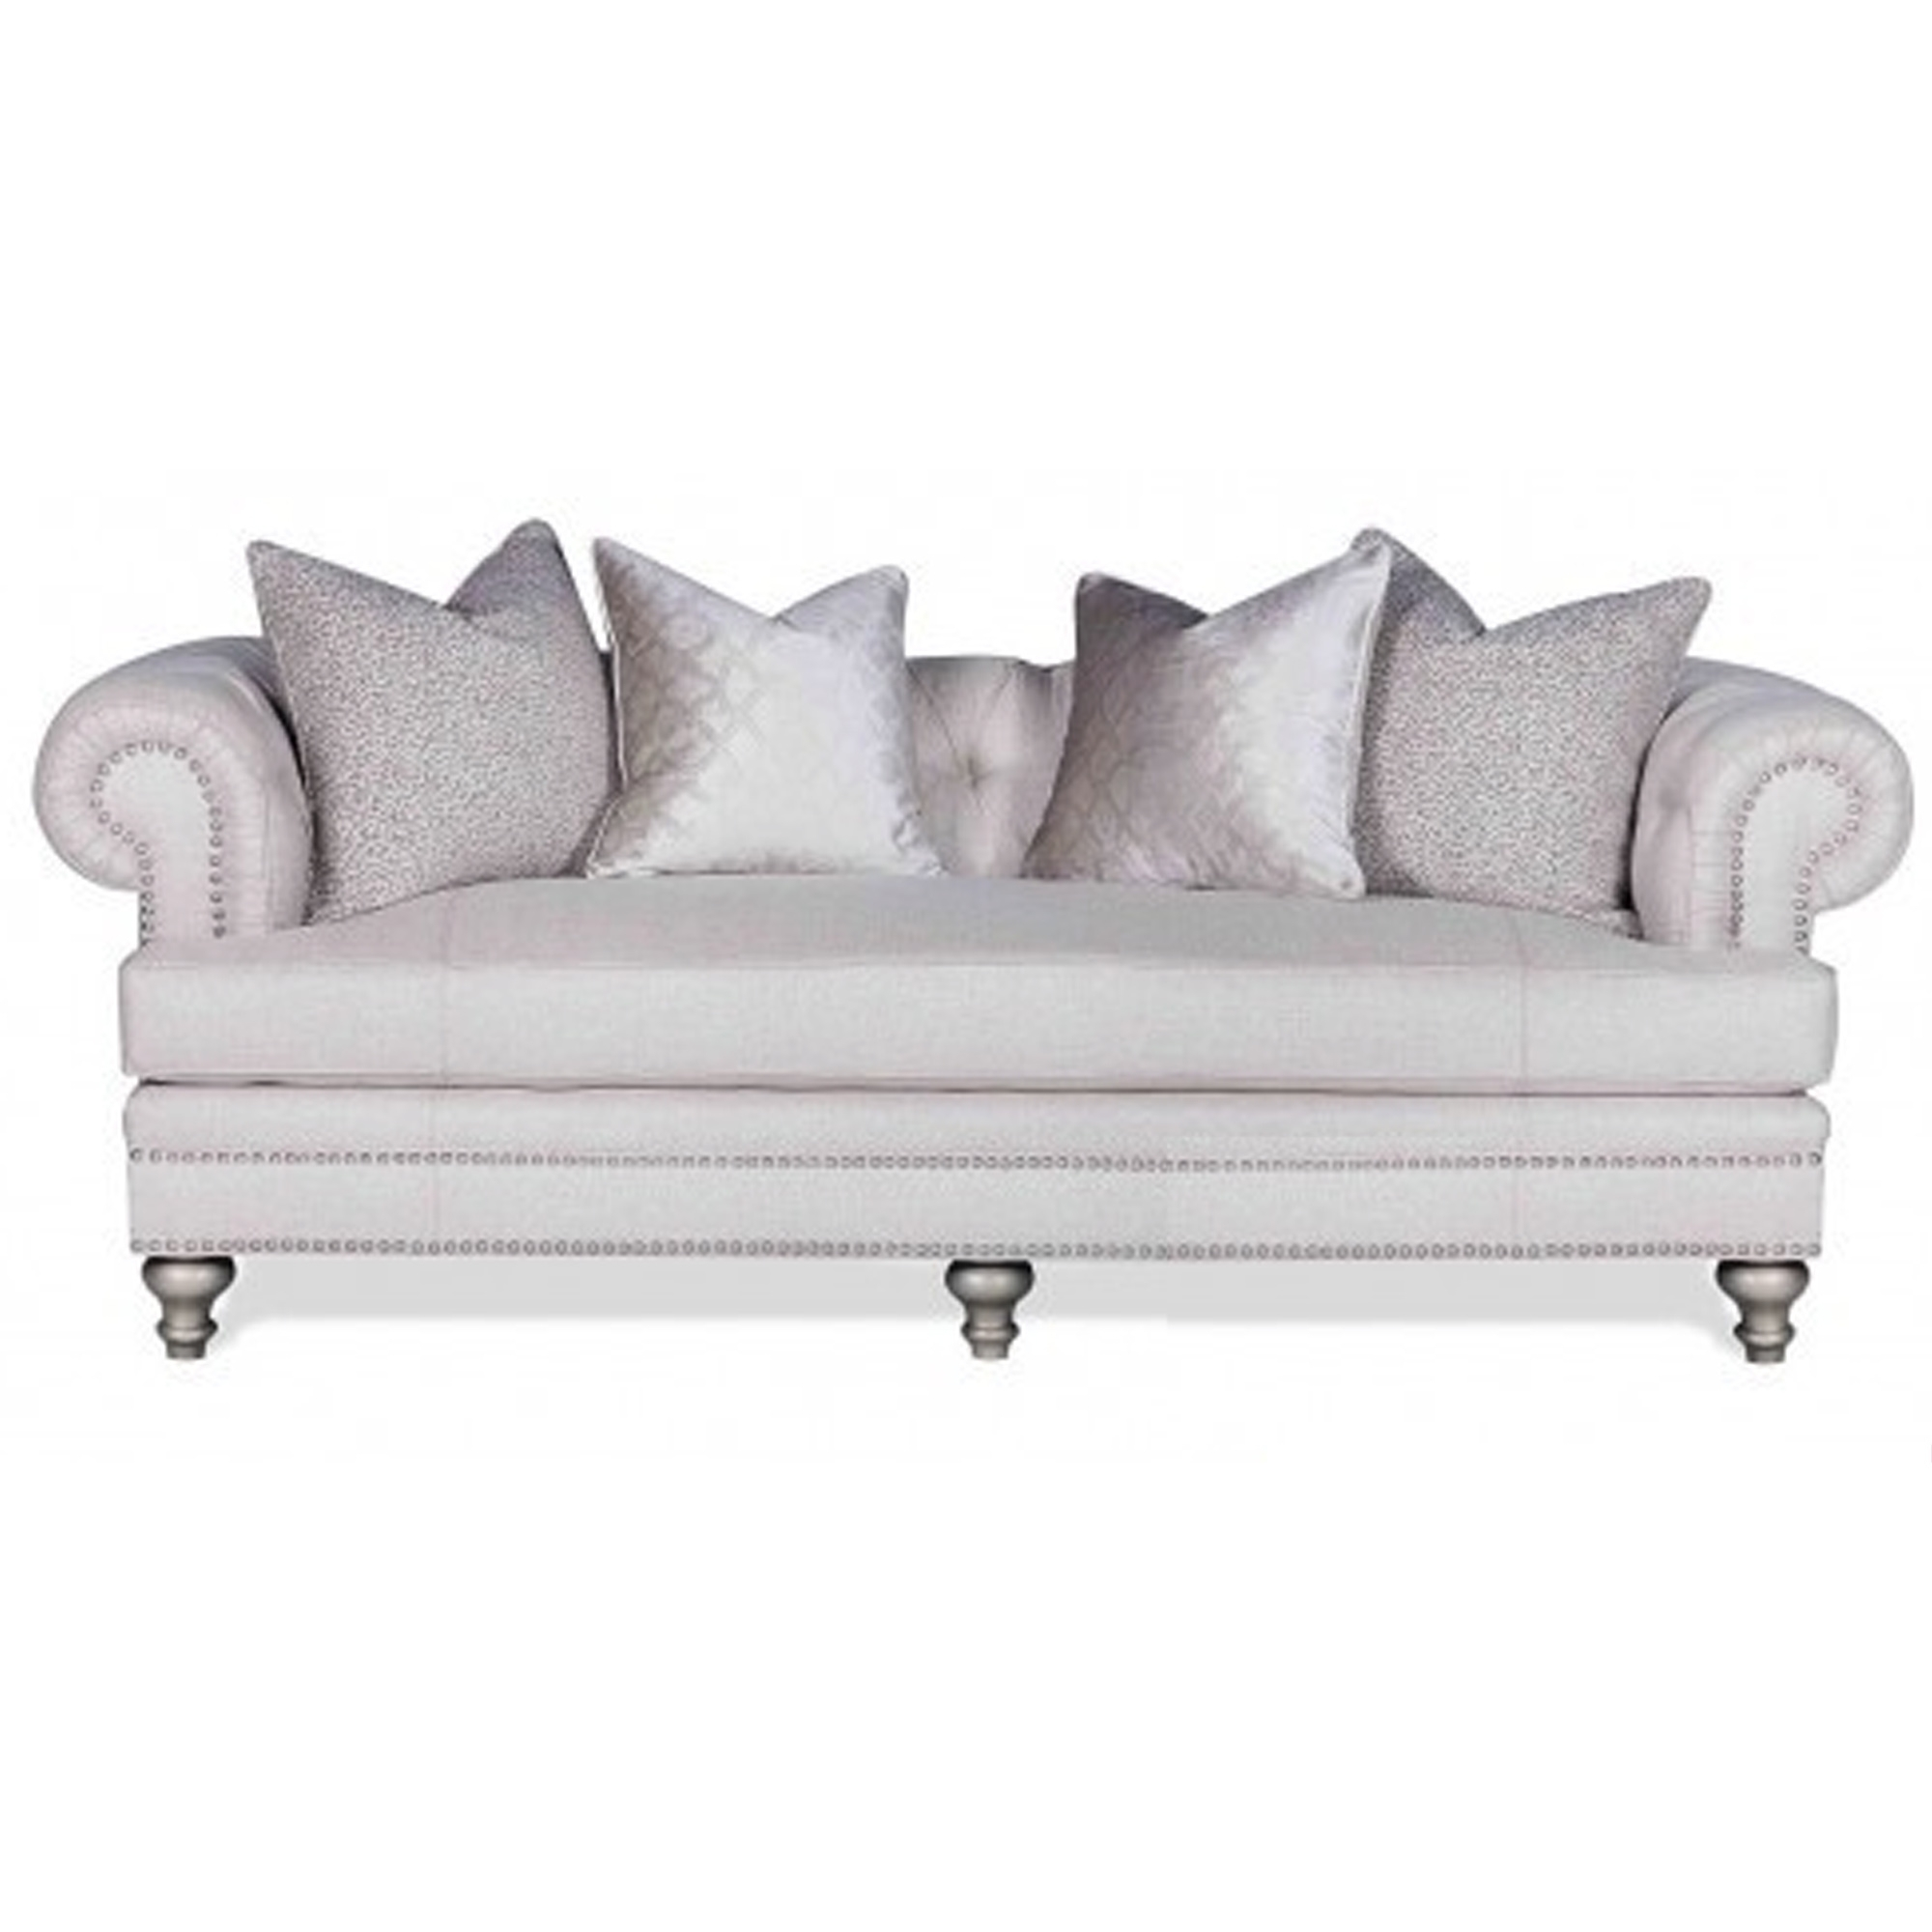 Cream Fabric 3 Seat Sofa